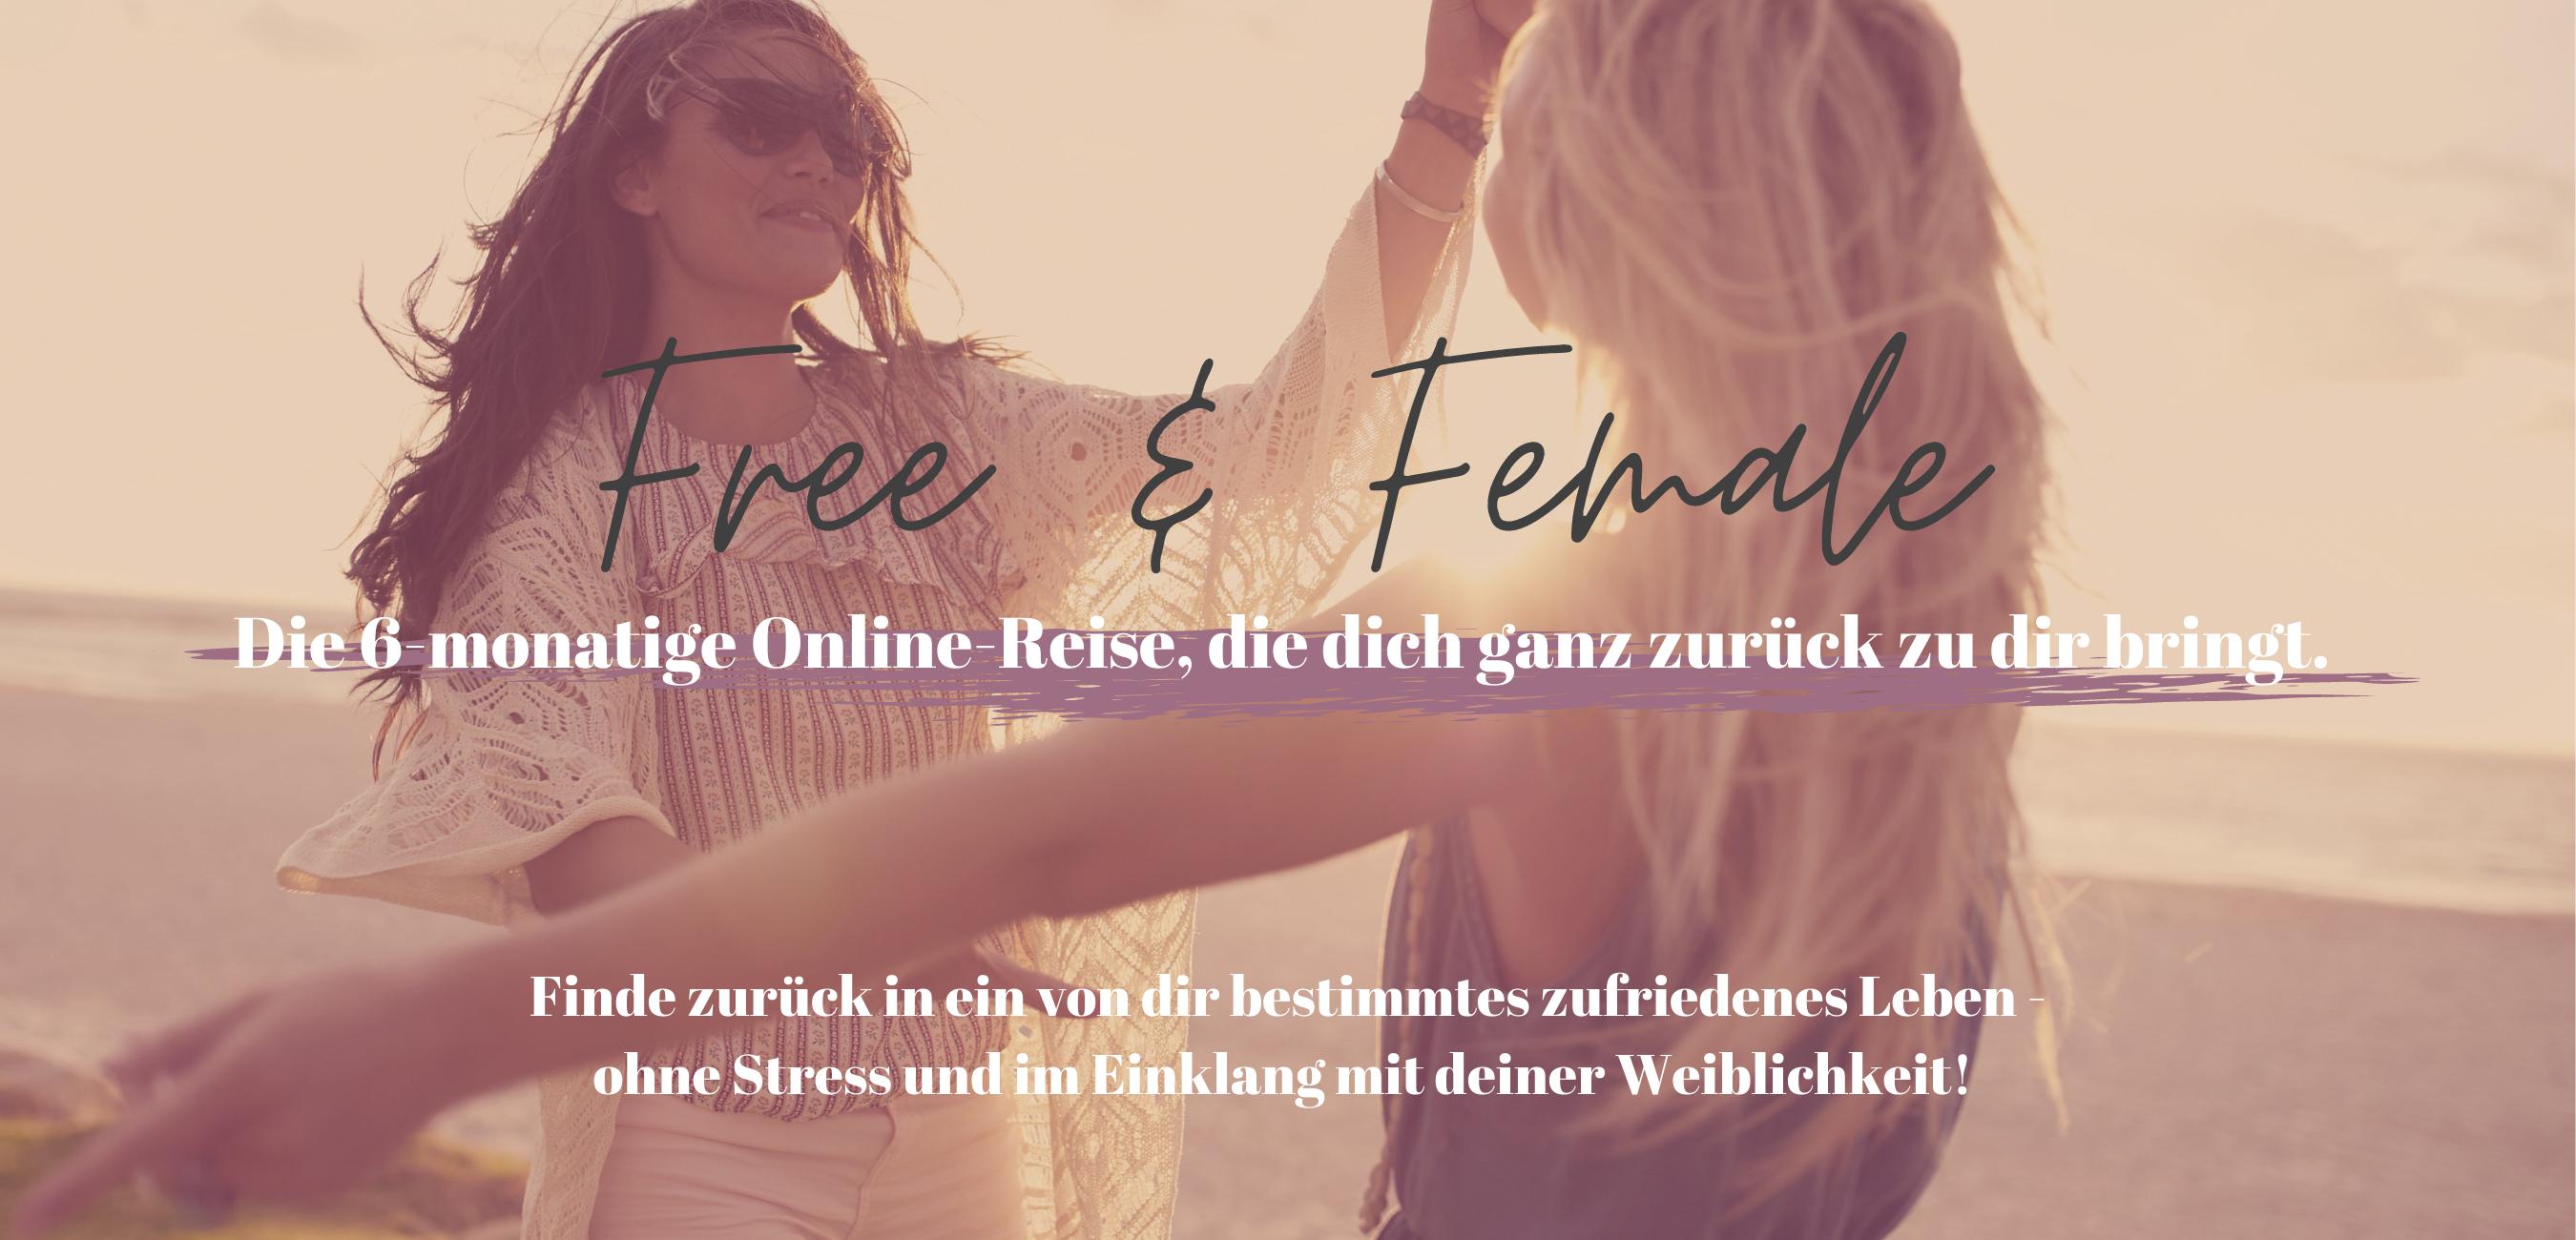 Freeandfemale2022